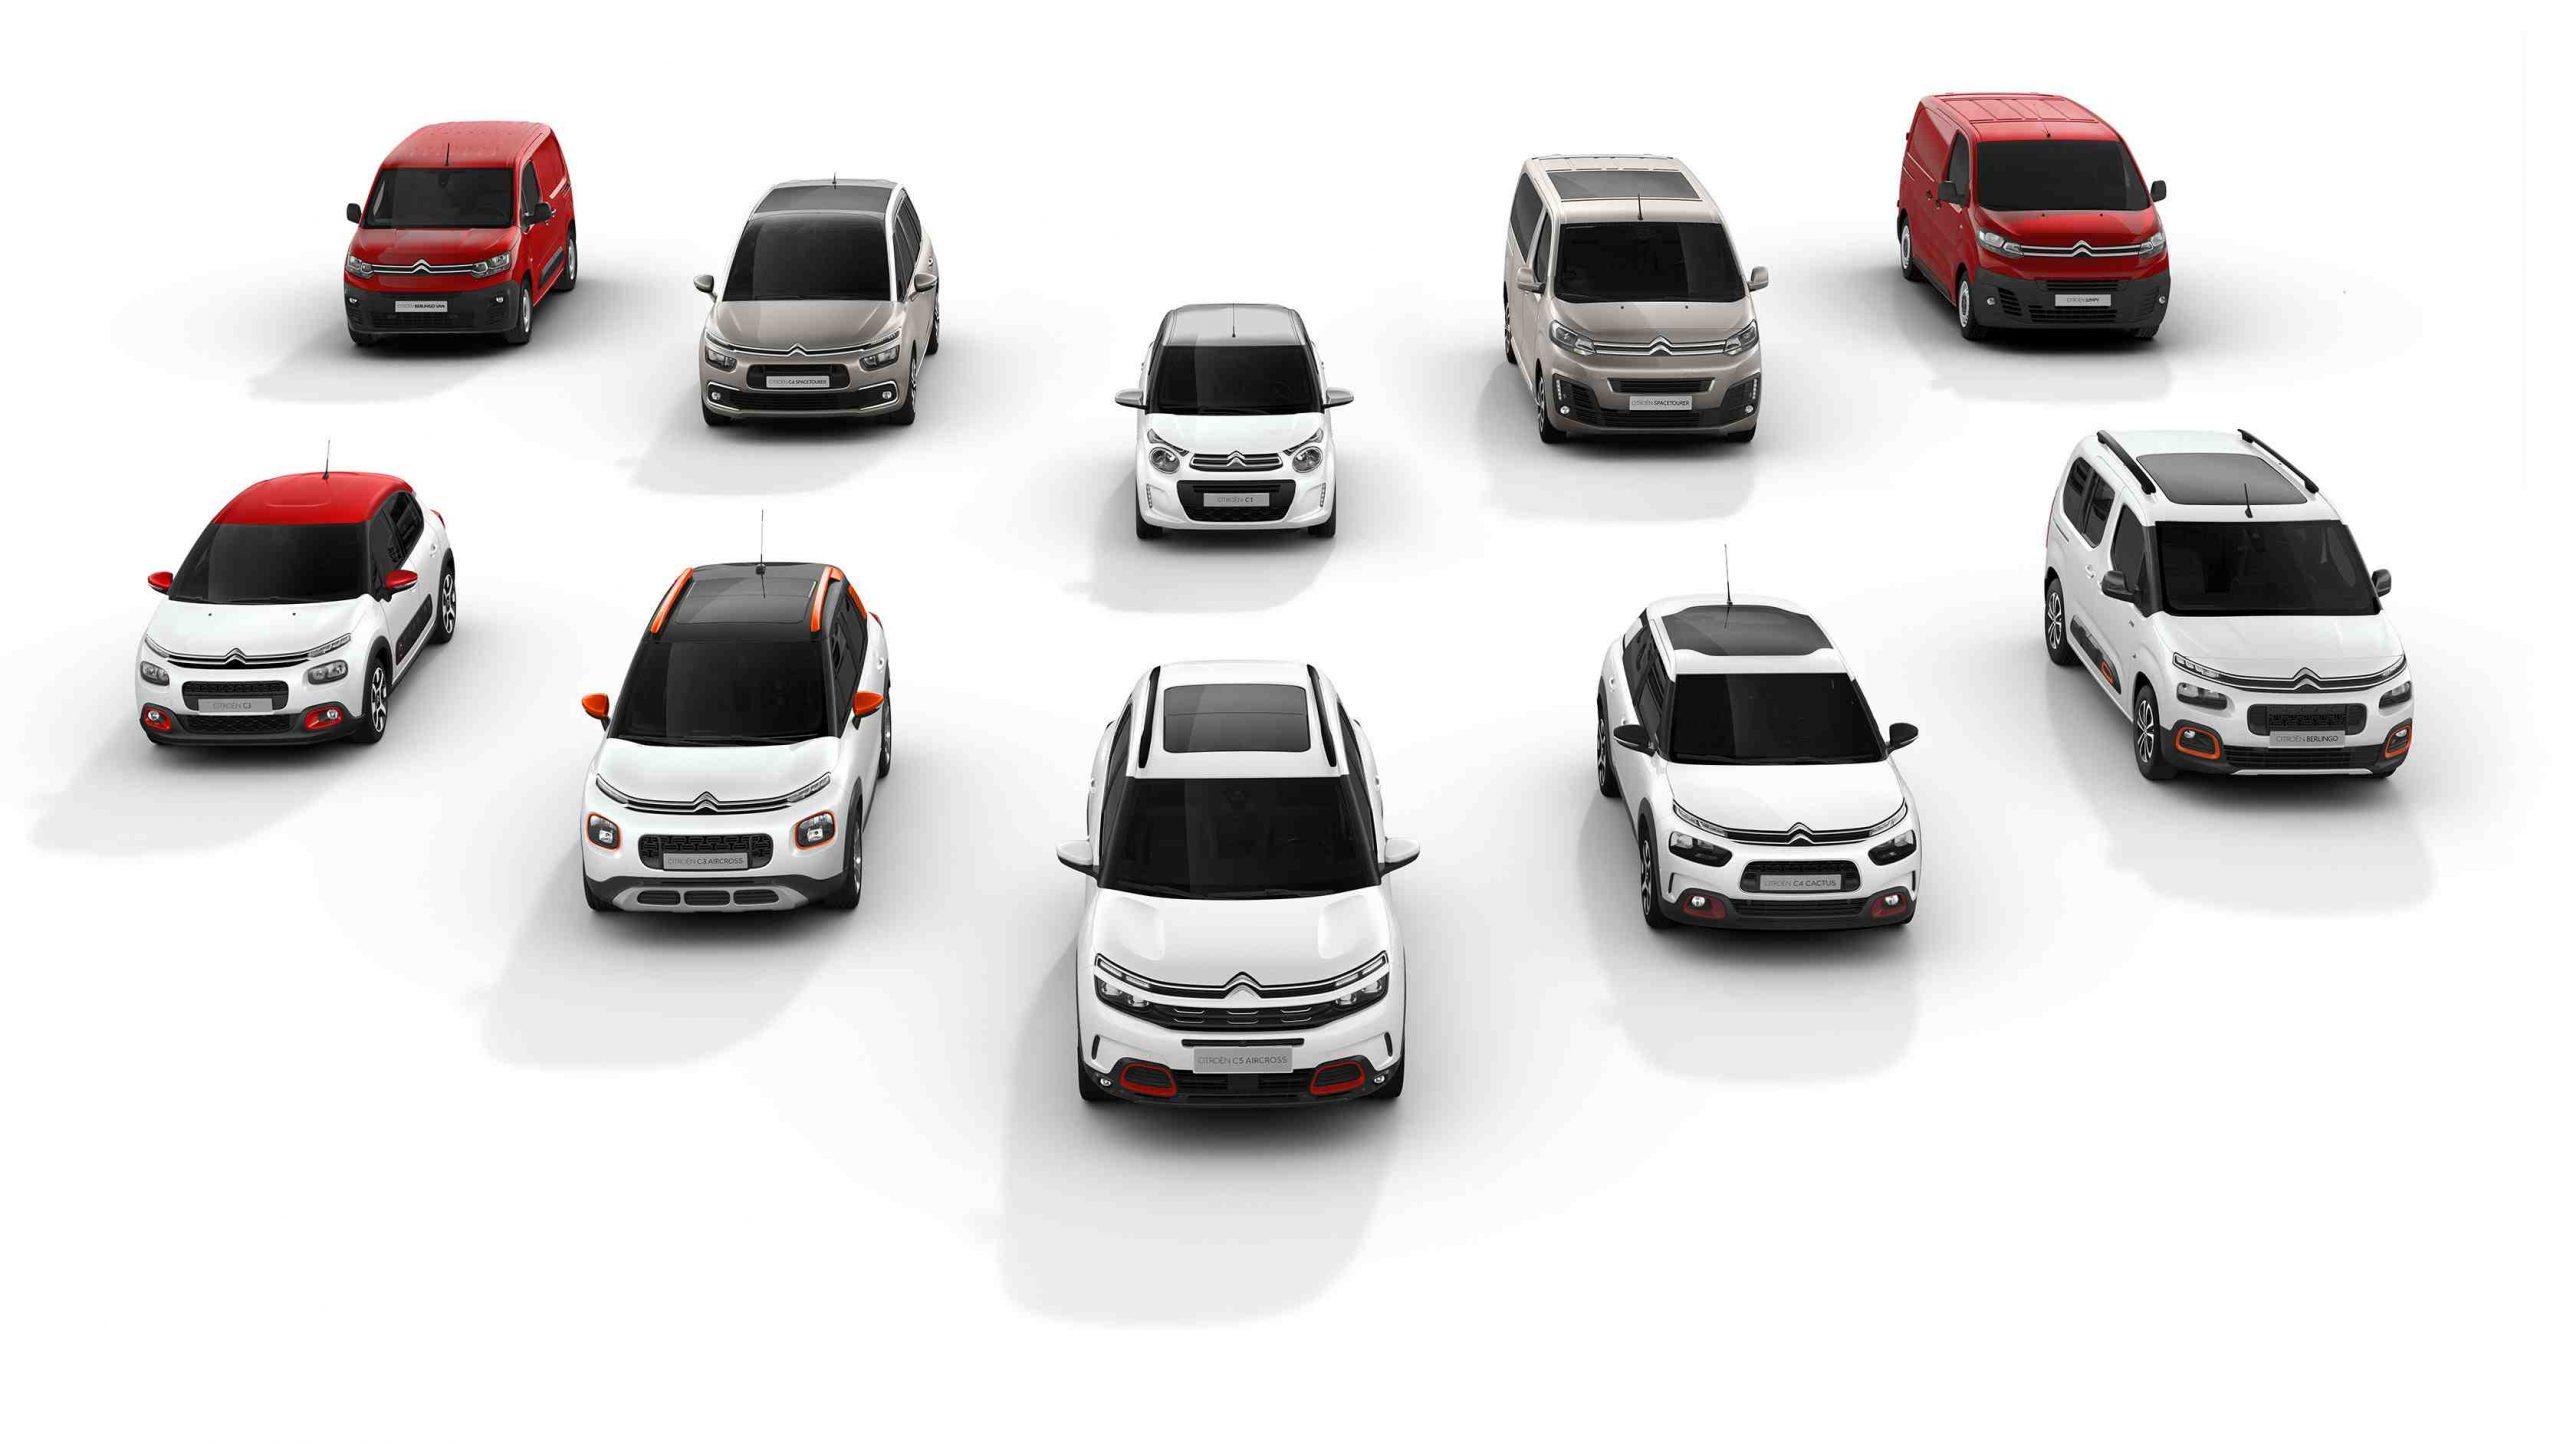 Quelle est la meilleure voiture à acheter actuellement?